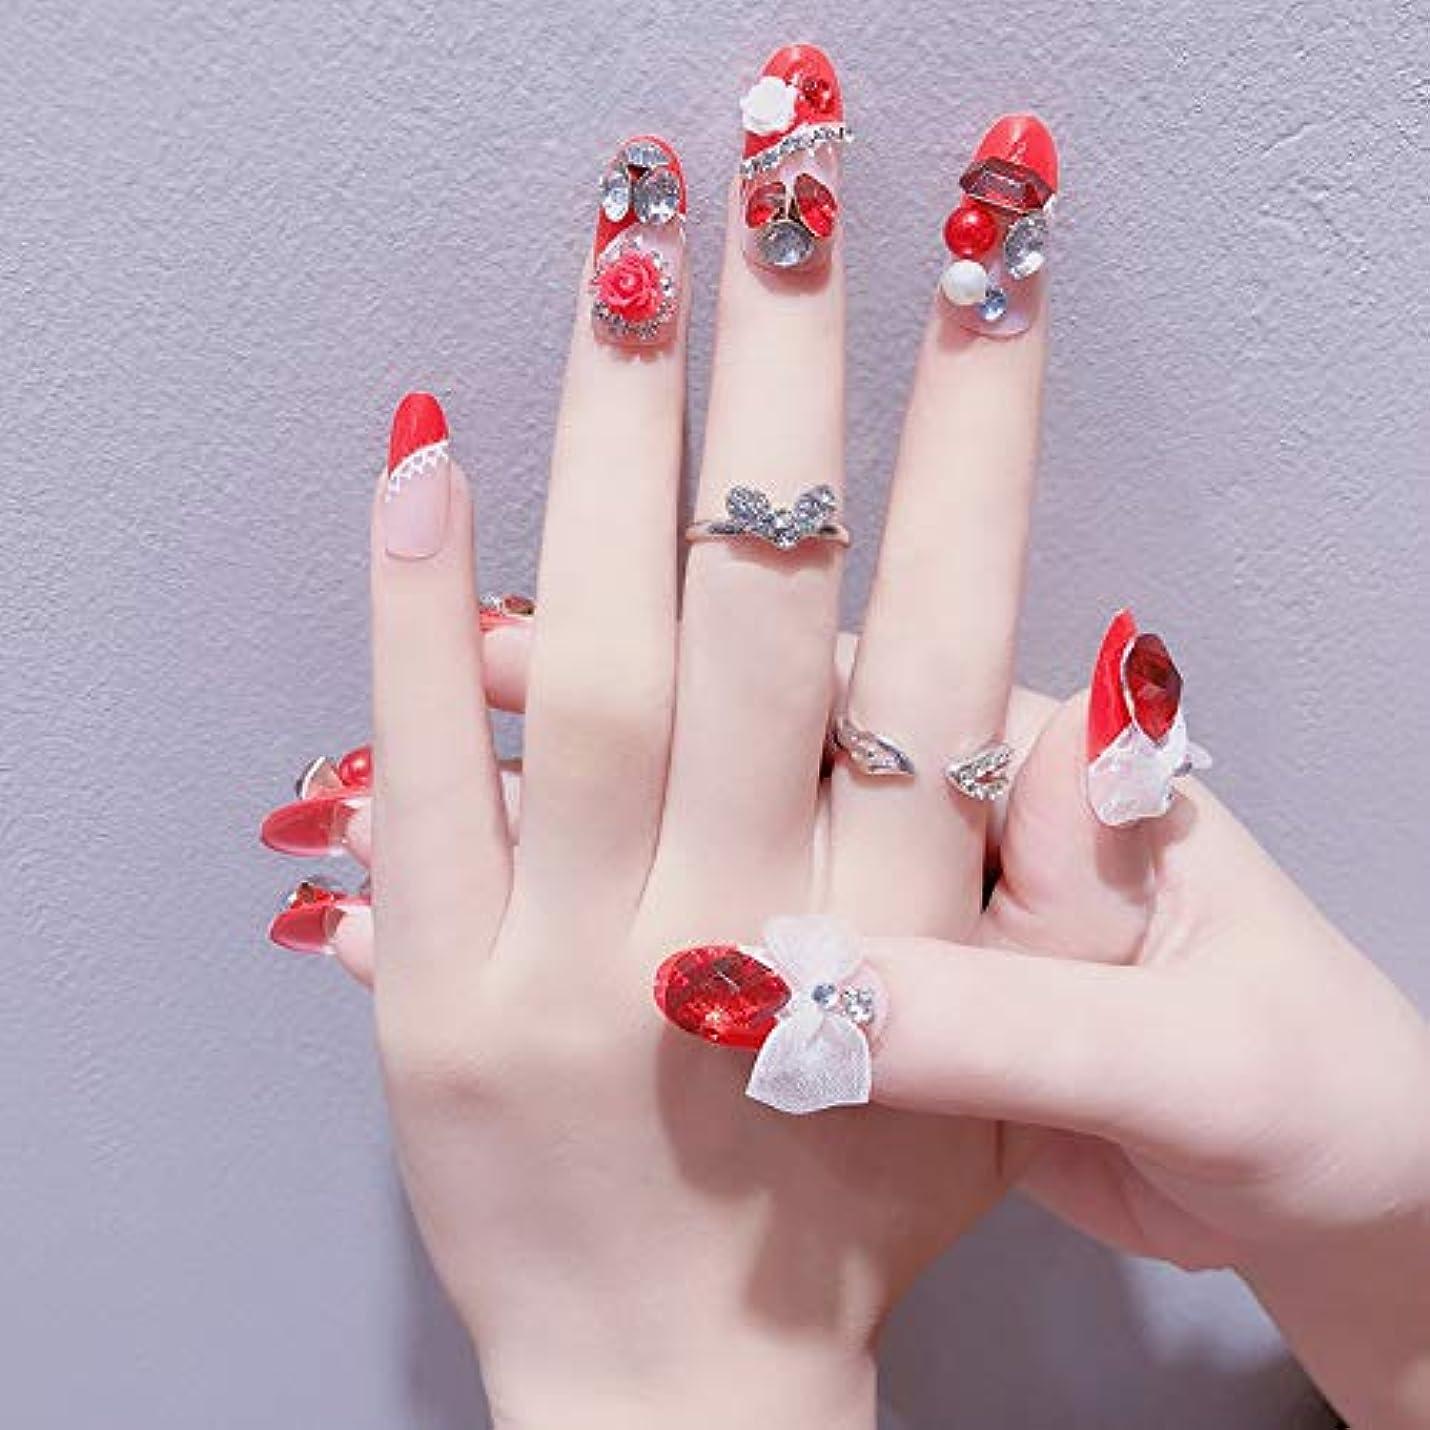 市町村枯れる投資する豪华なつけ爪 眩しいつけ爪 ネイルチップ ブルー ラインストーンリボンが輝く 24枚組セット 結婚式、パーティー、二次会などに ネイルアート (AF08)